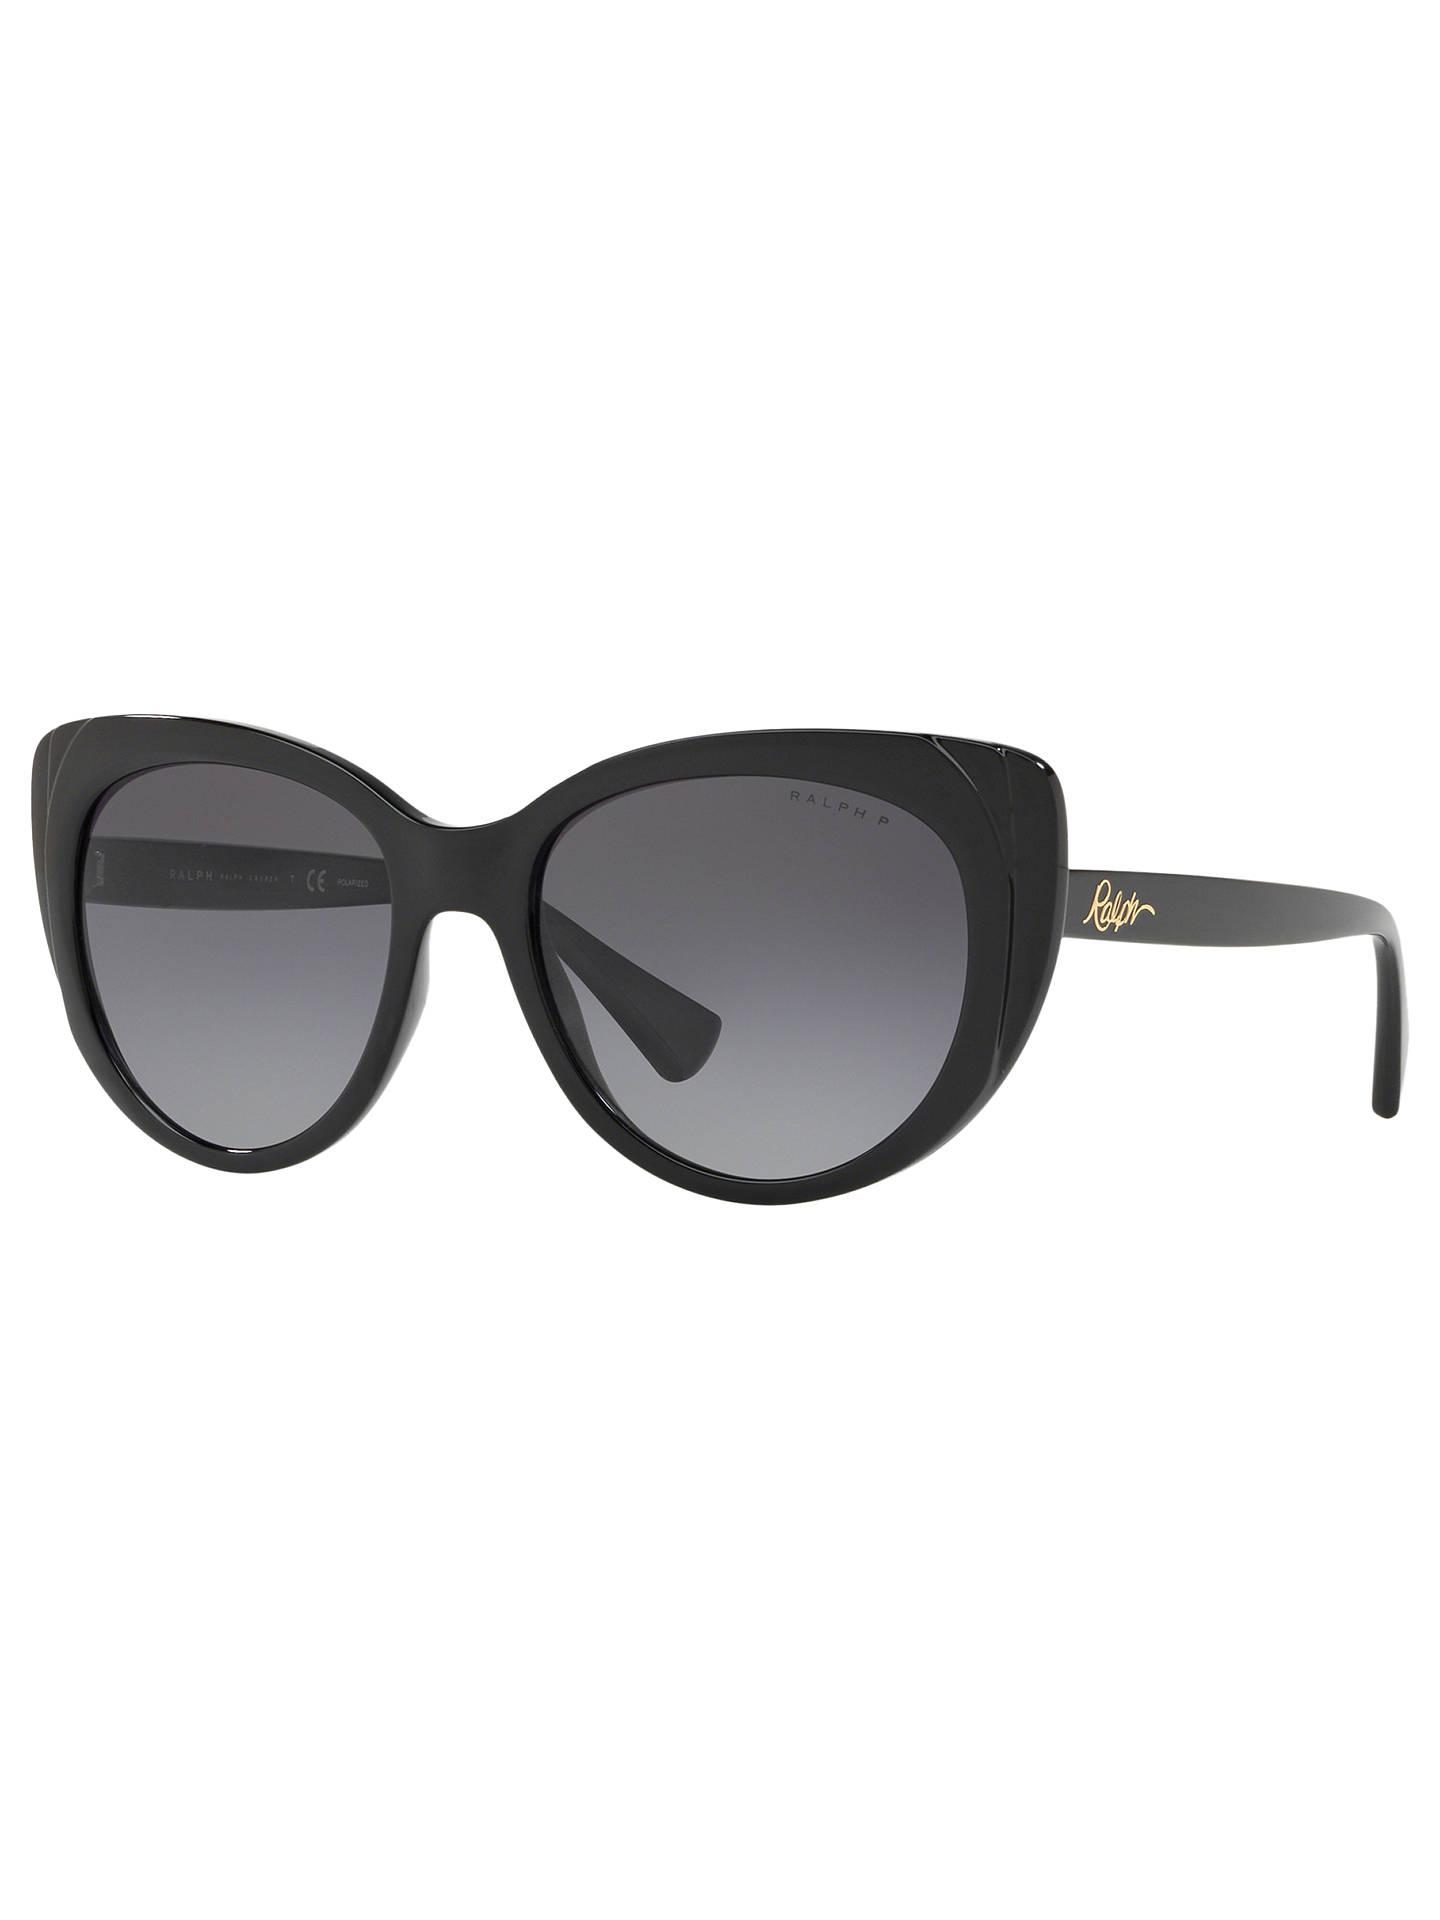 96cfda9b42 BuyRalph RA5243 Women s Polarised Cat s Eye Sunglasses